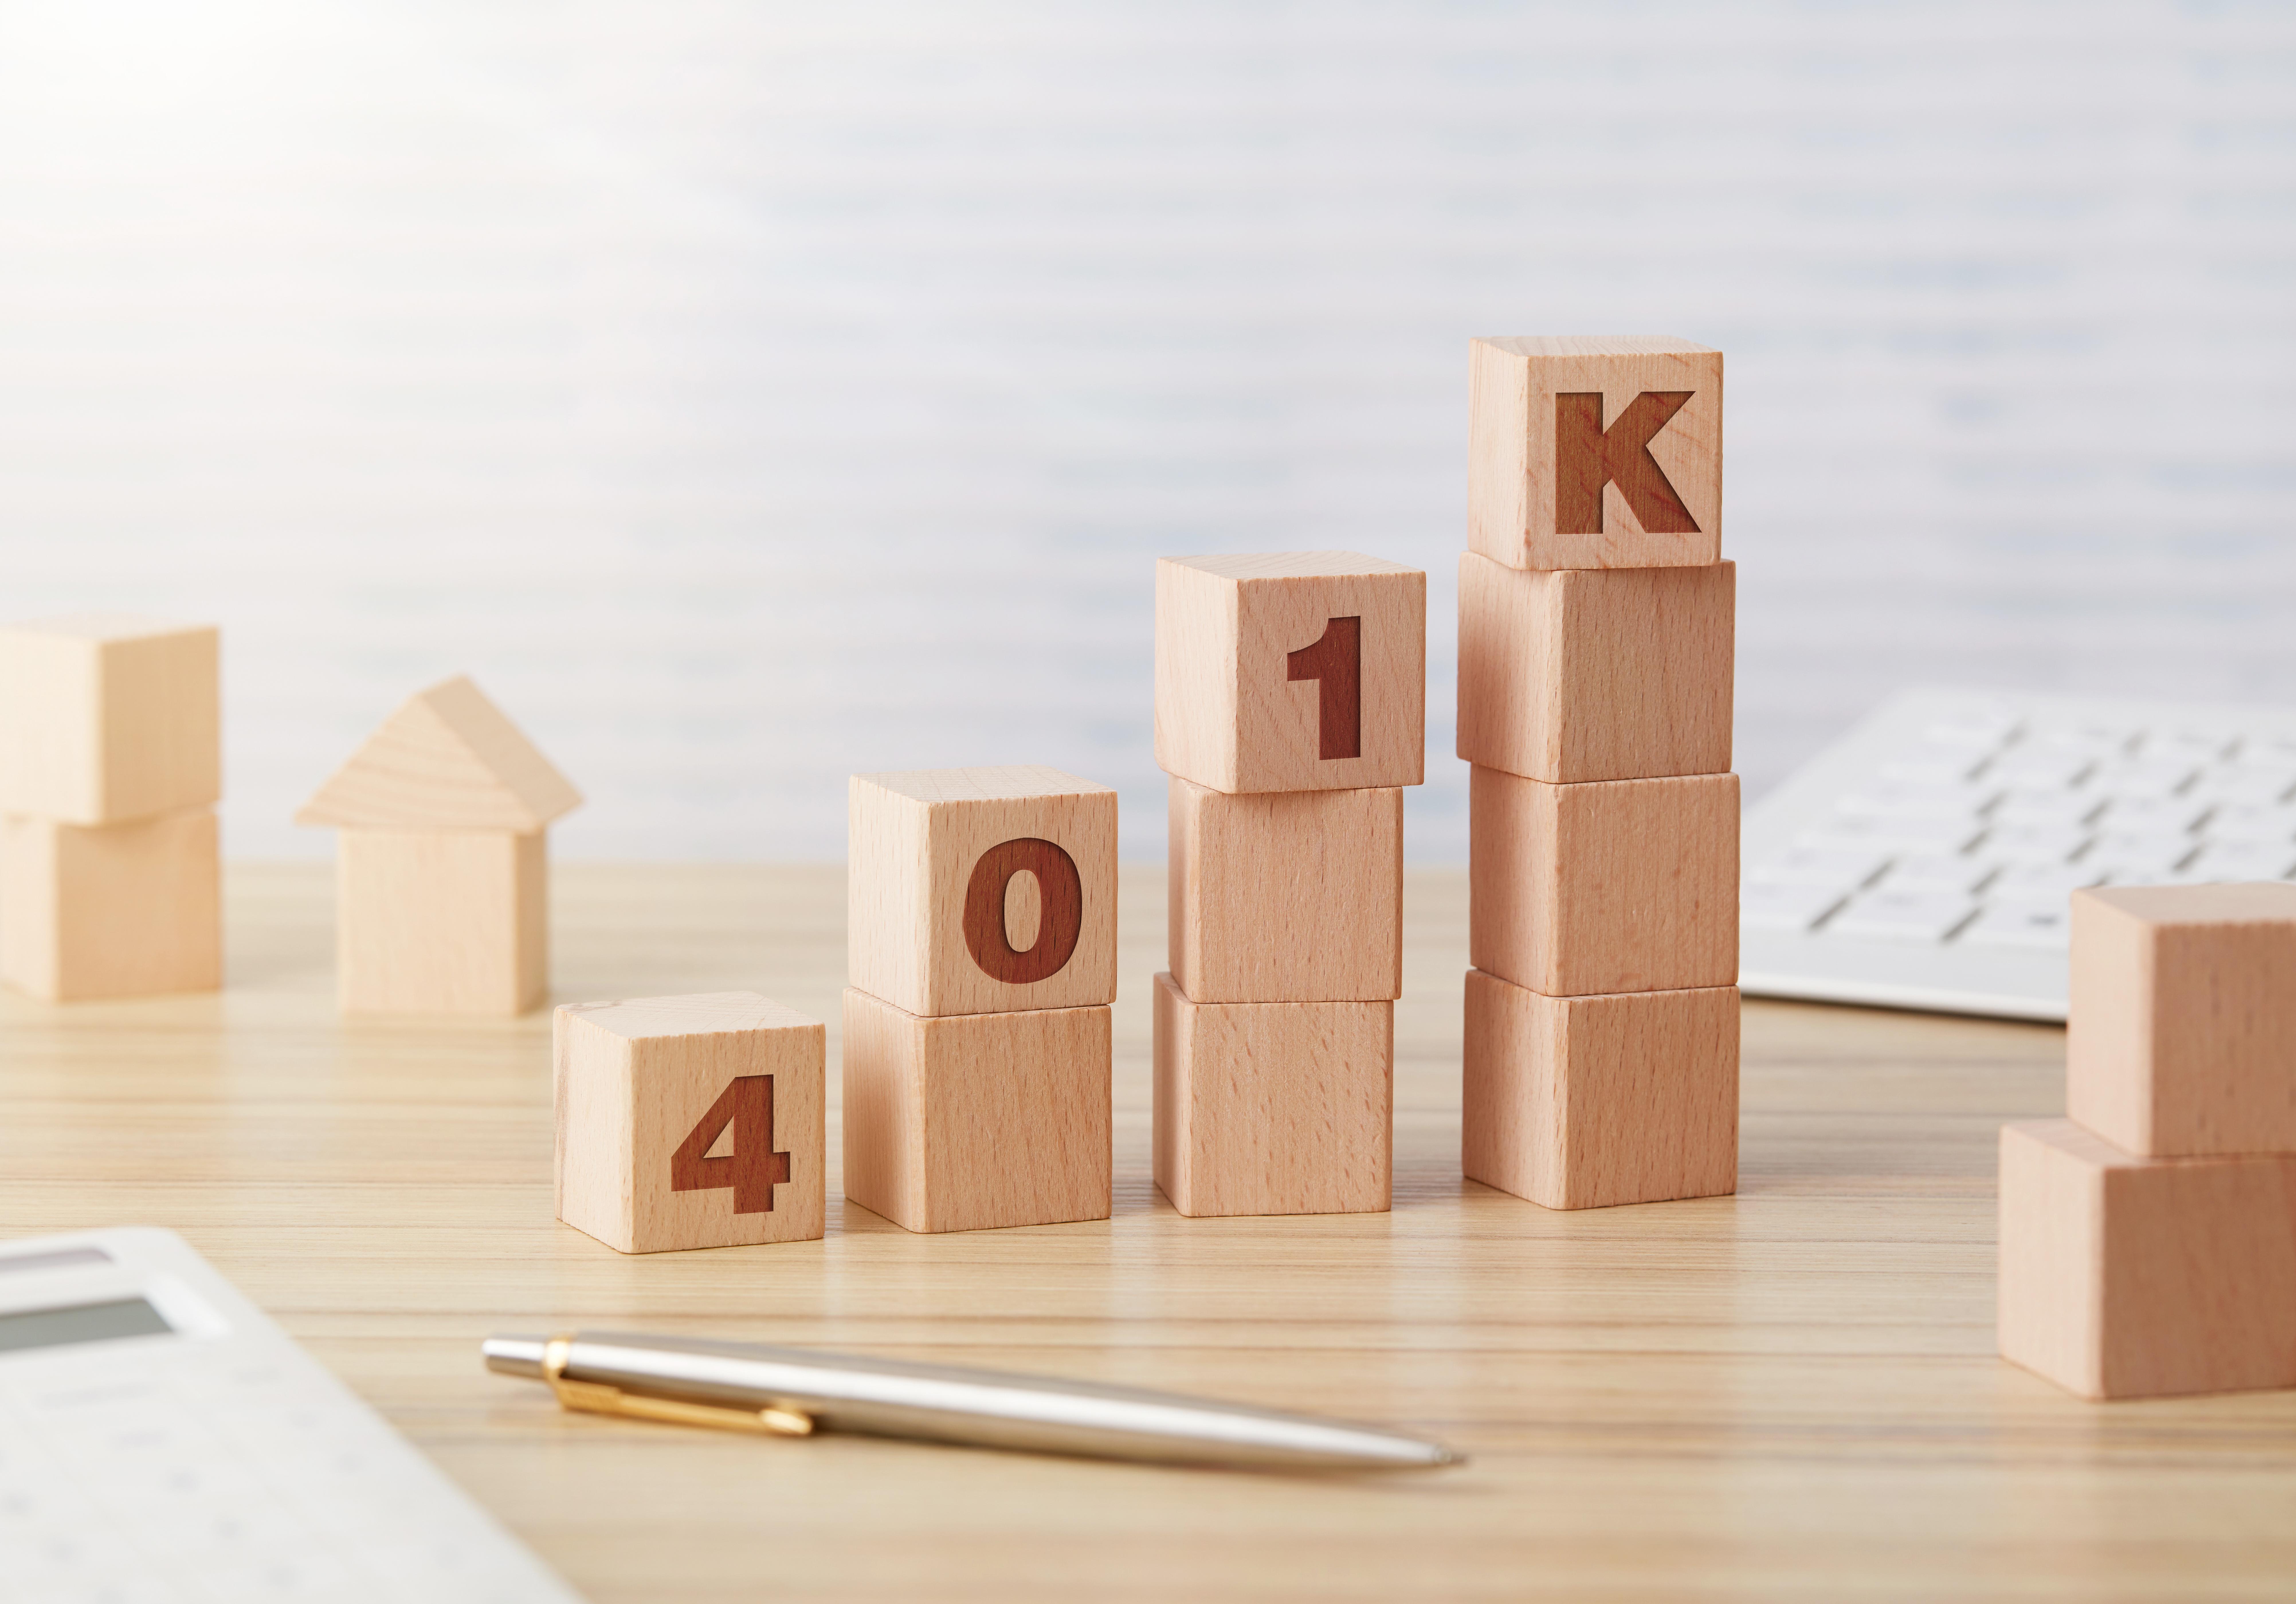 401K wooden blocks chart on desk